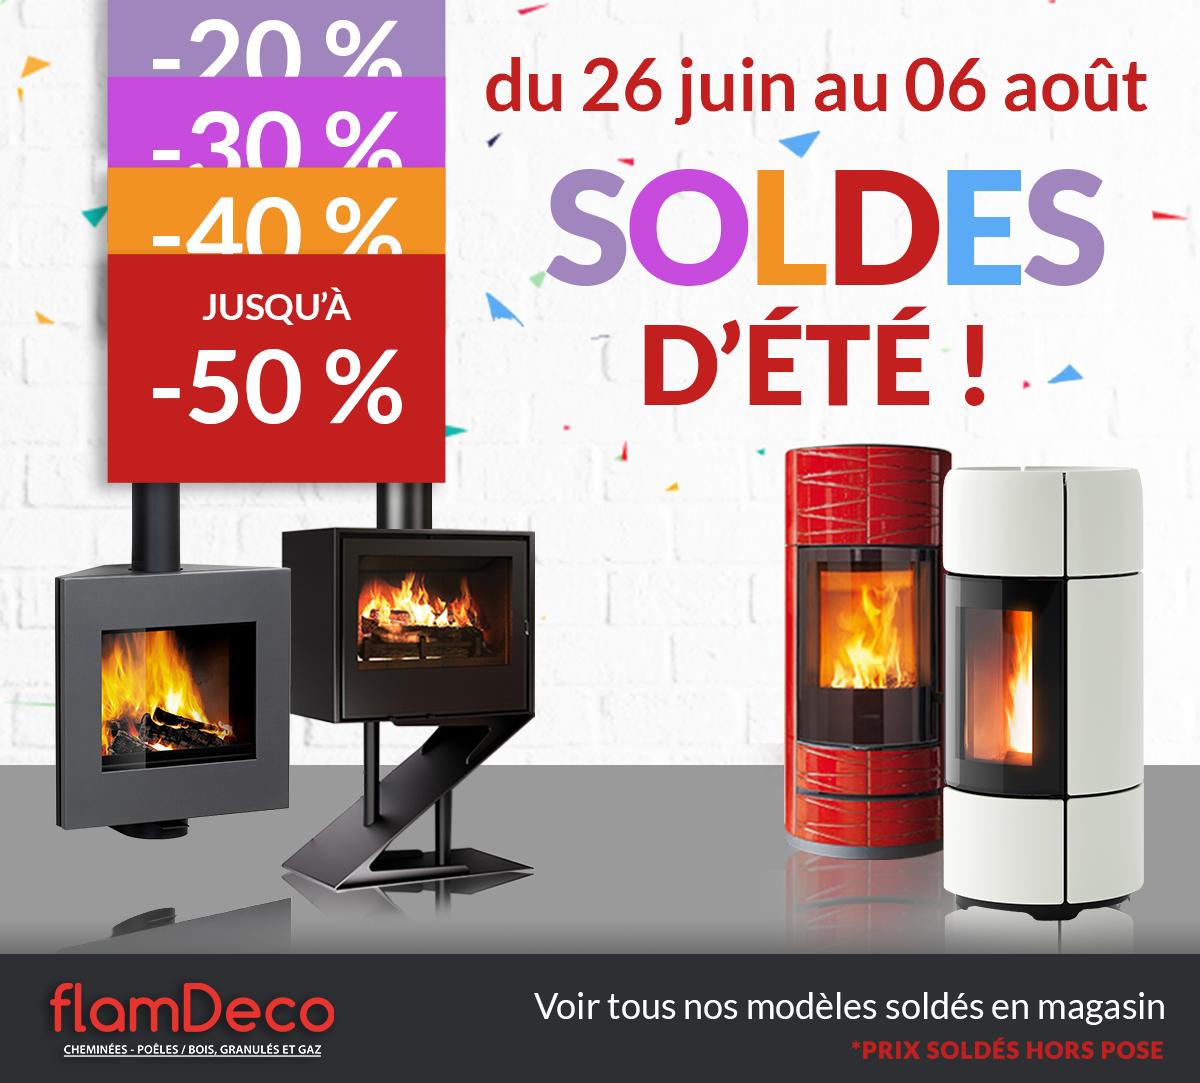 SOLDES 2019 Flamdeco poêles et cheminées